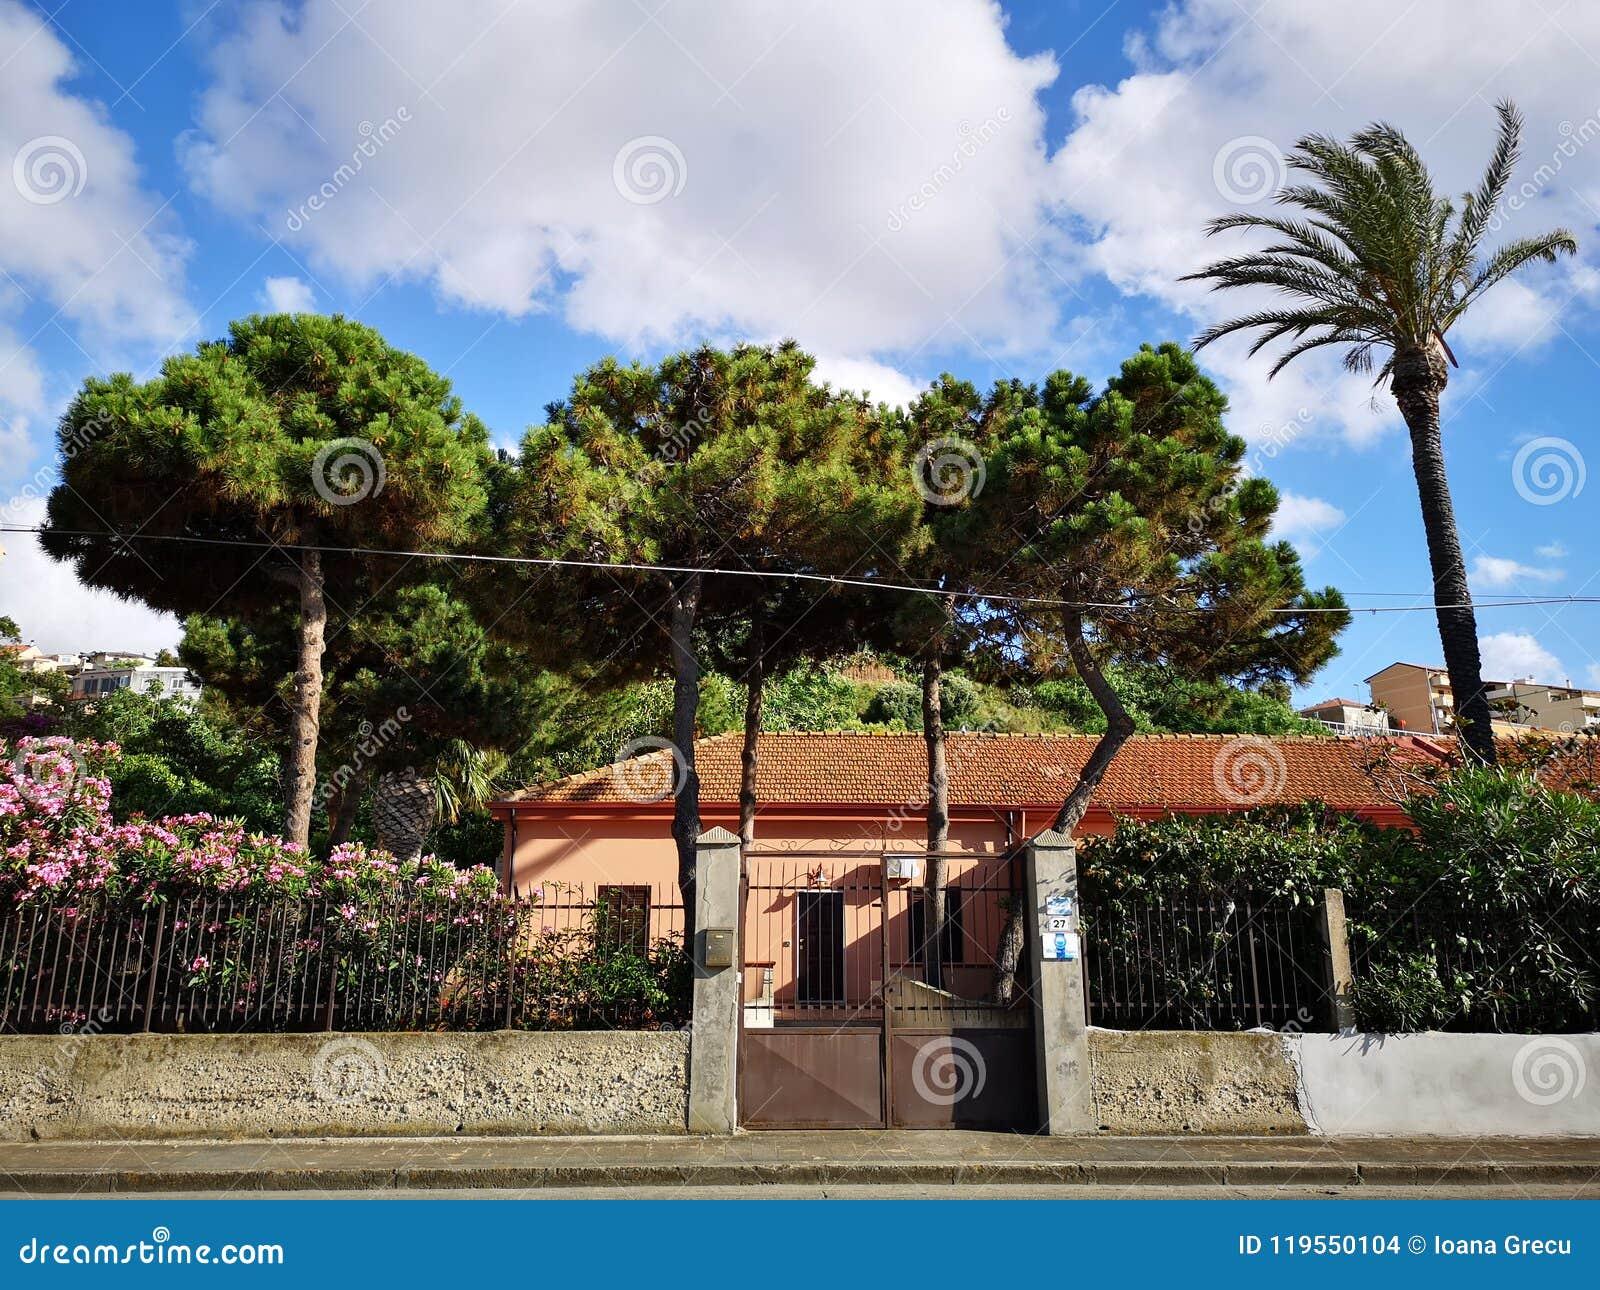 Bomen In Tuin : Mediterraan stijlhuis met bomen en tuin stock foto afbeelding